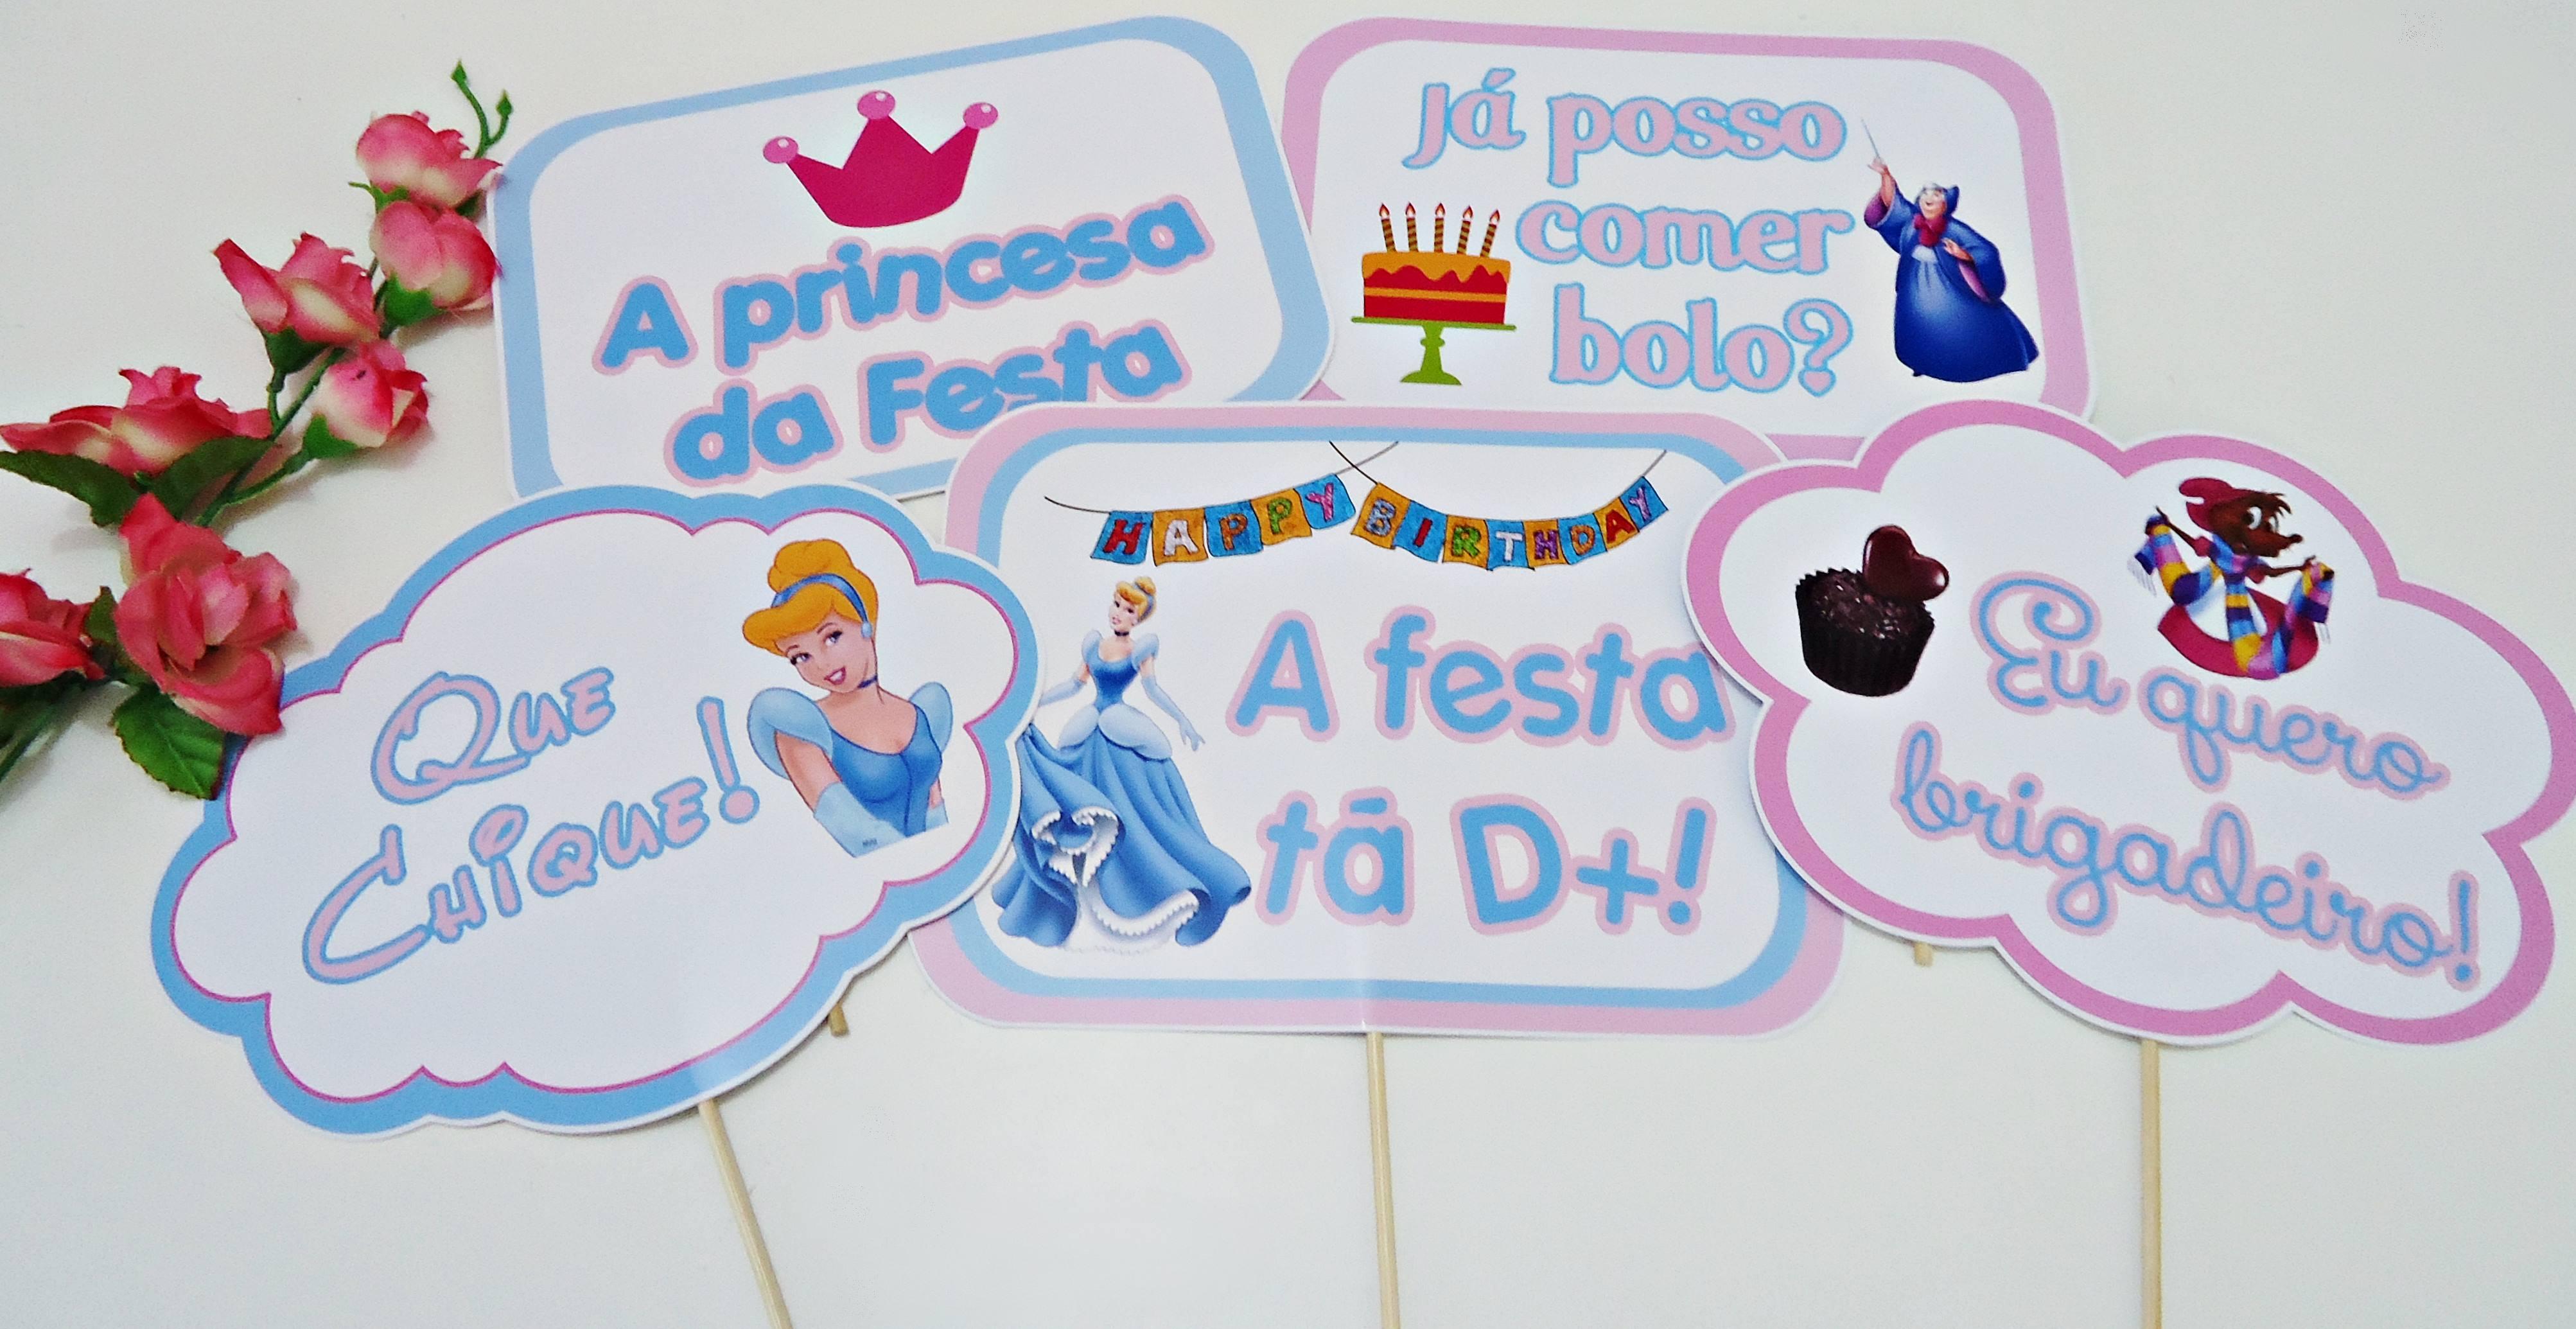 Plaquinhas para fotos festa infantil Plaquinhas para fotos festa  #AB2038 4011 2069